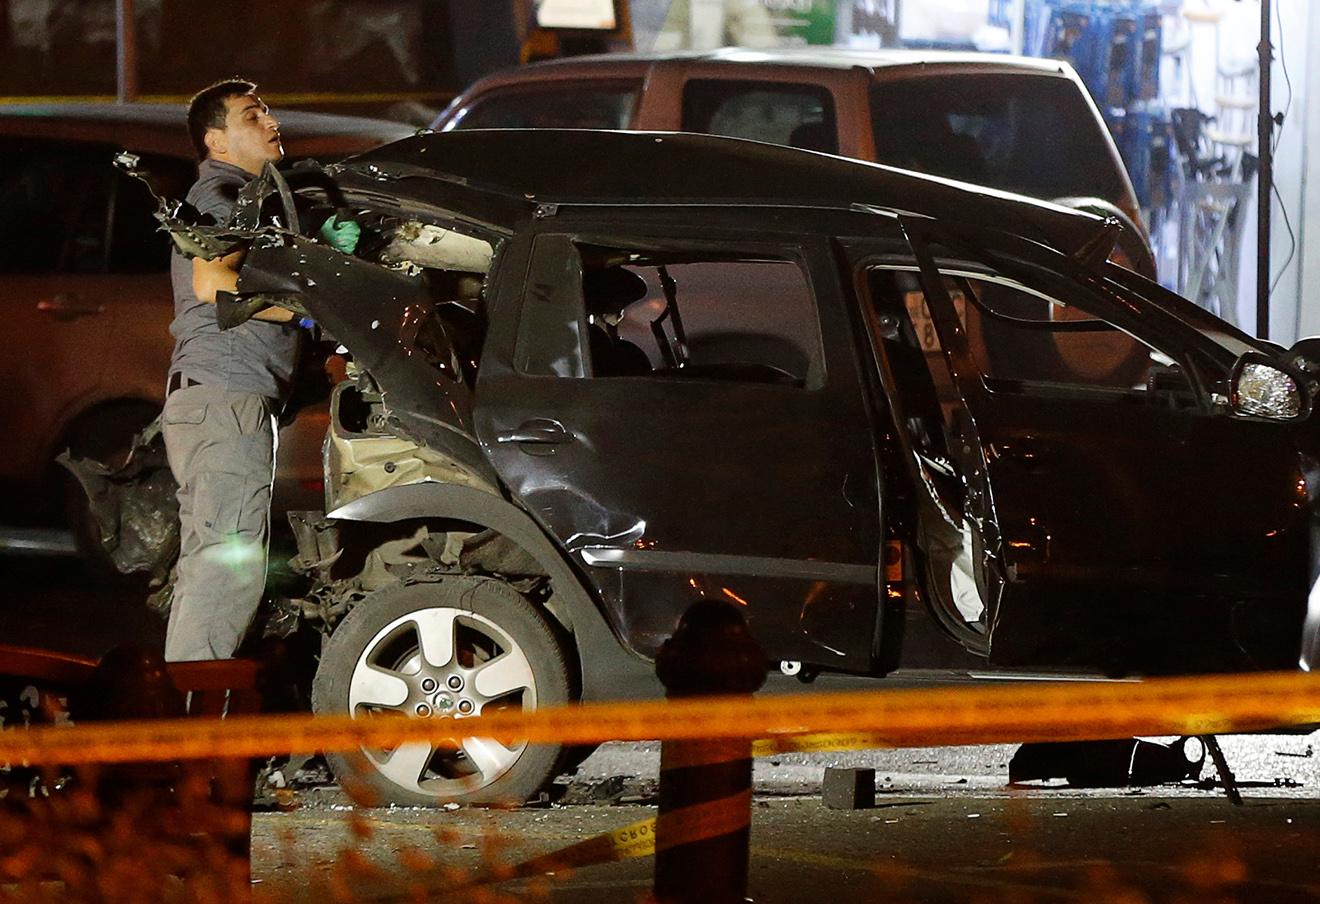 Автомобиль Гиви Таргамадзе после взрыва, Тбилиси, 4 октября 2016 года. Фото: David Mdzinarishvili / Reuters